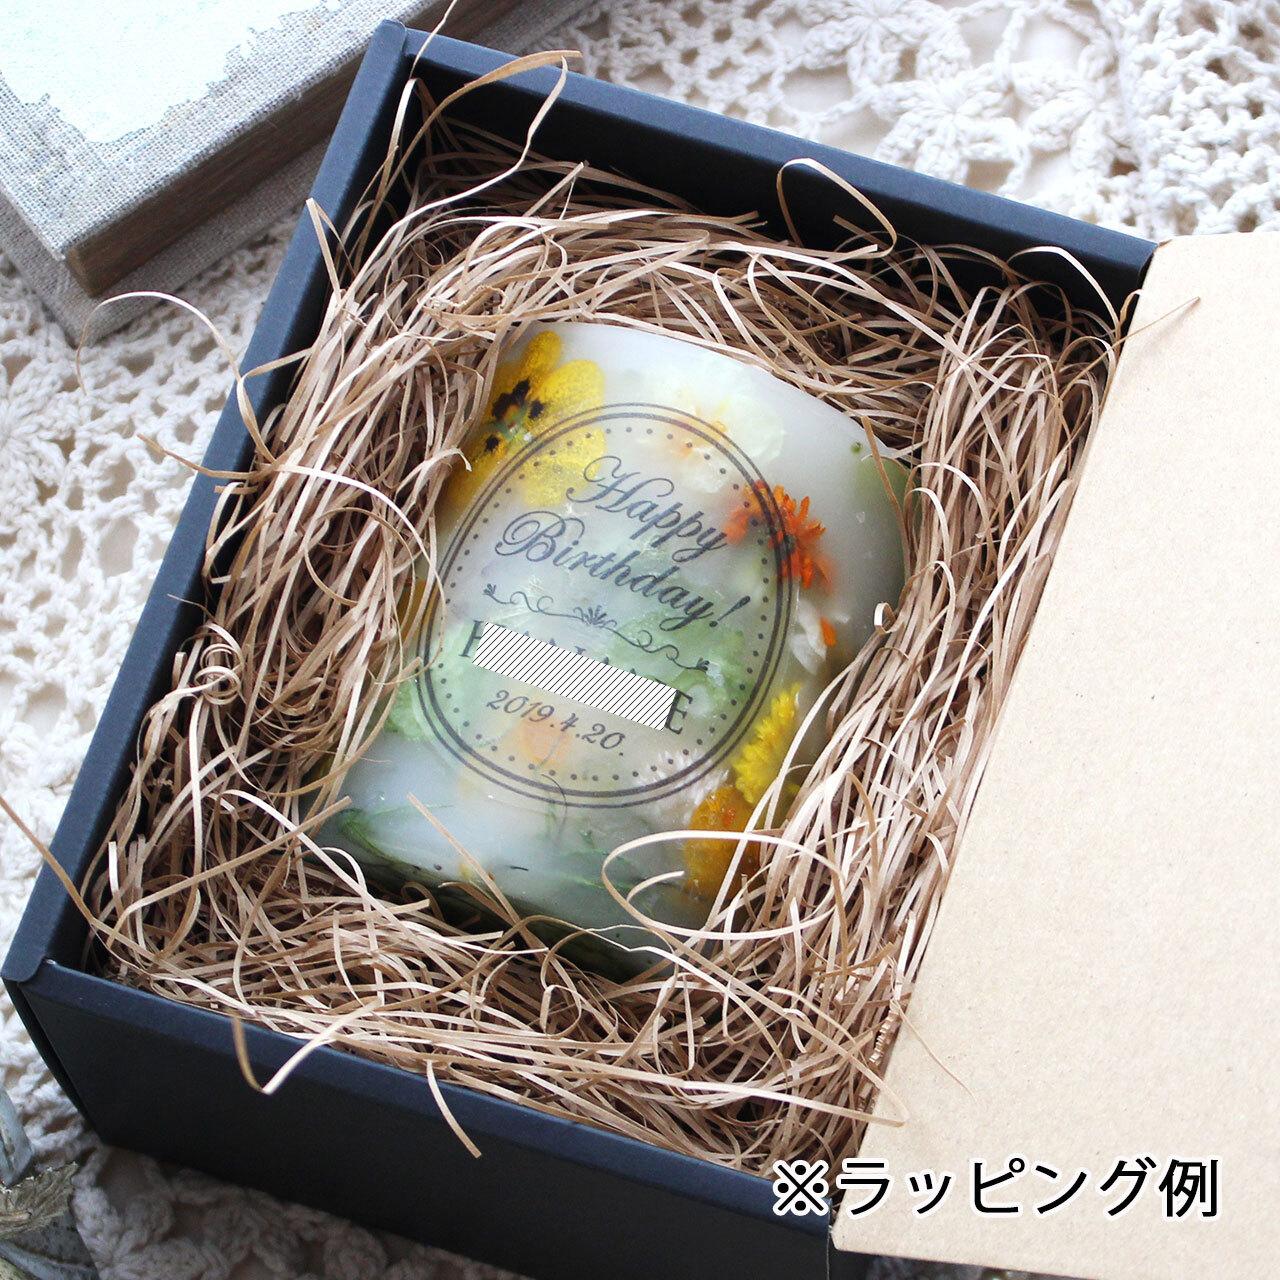 NC267 ギフトラッピング付き☆メッセージ&日付&名入れボタニカルキャンドル ガーデン